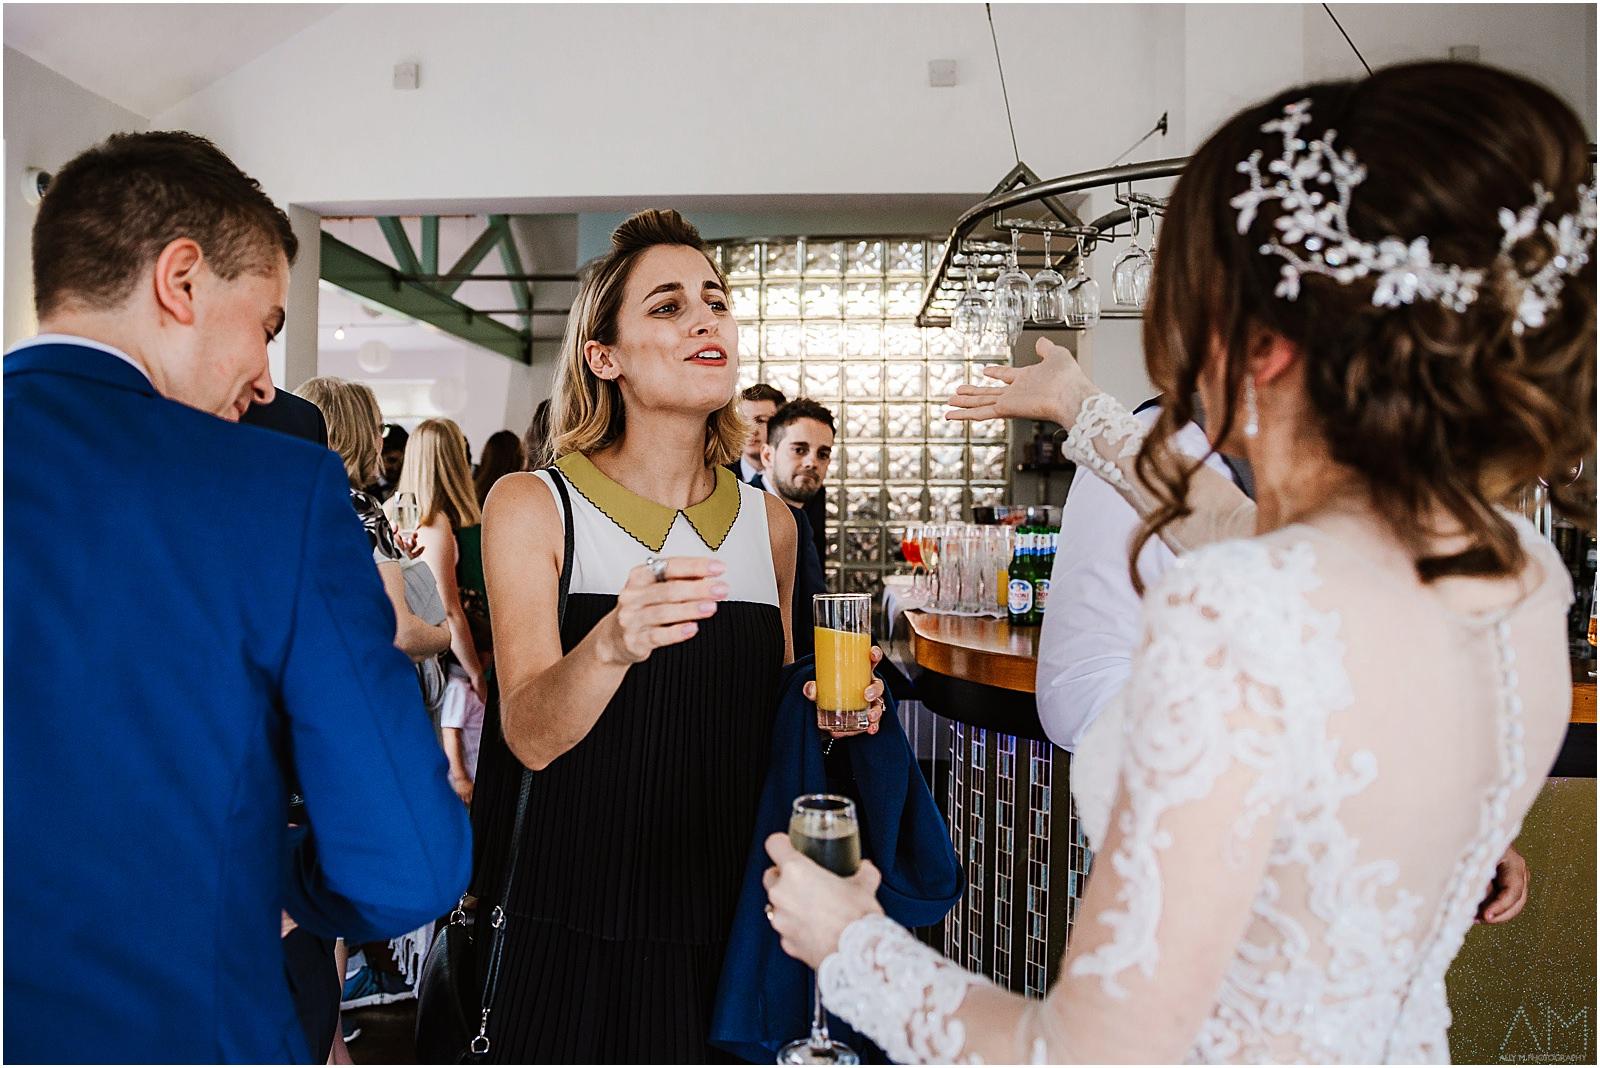 Wedding guest congratulating the bride